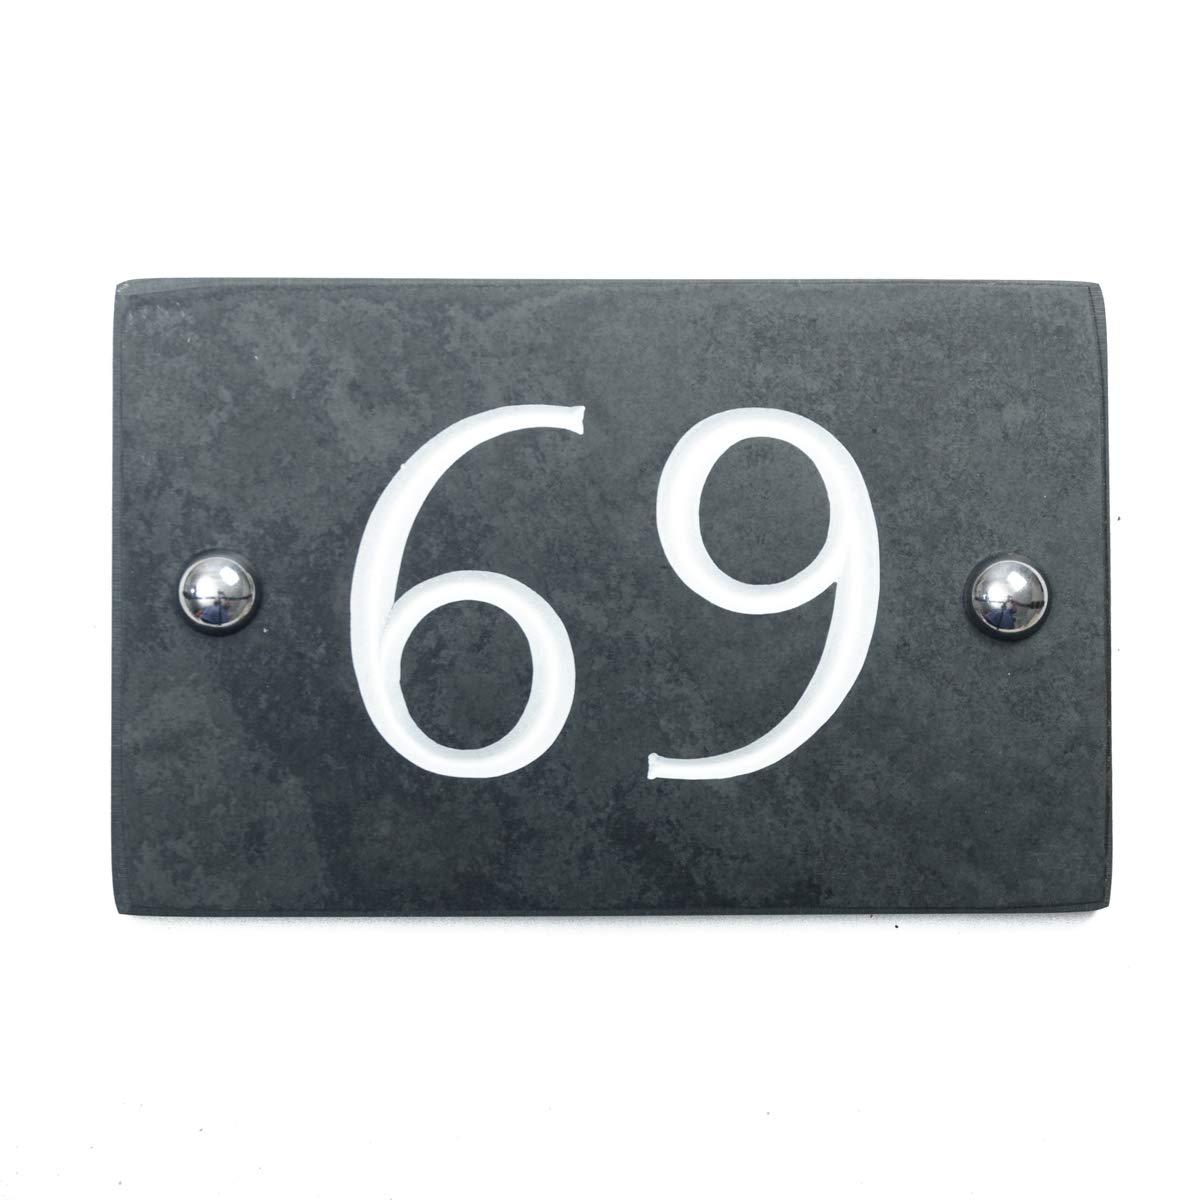 Black Slate House Number 1-99 (Number 69)